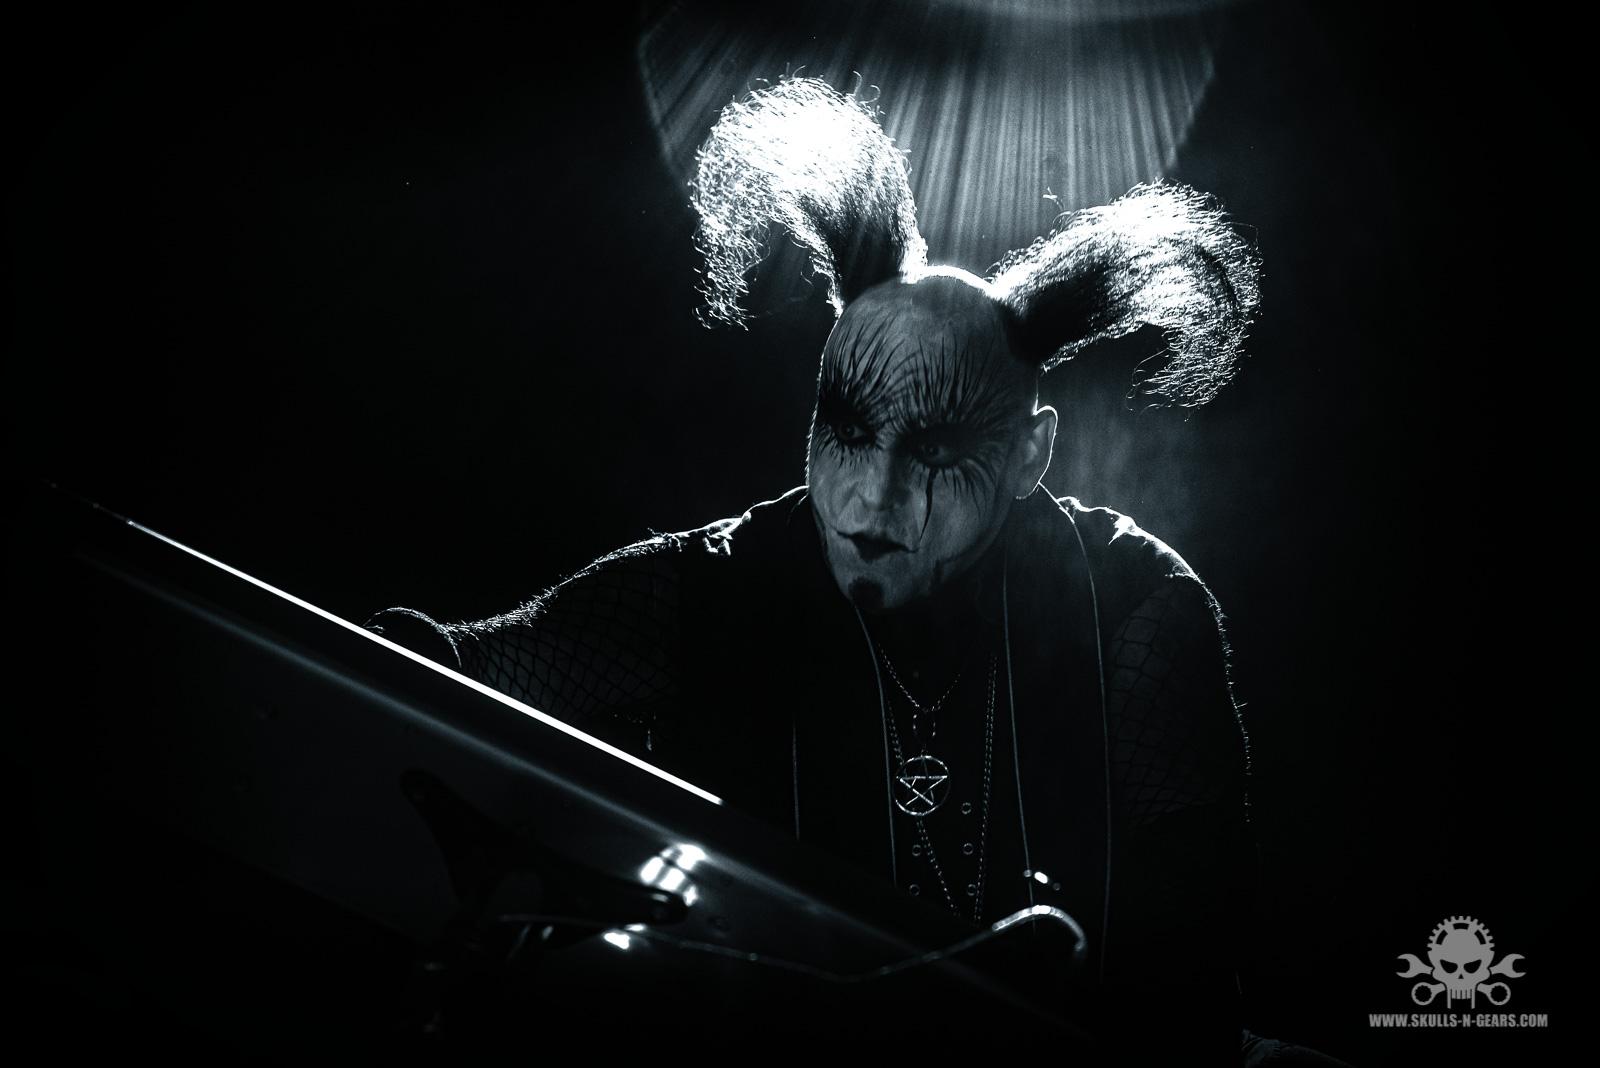 Dark Storm Festival - DAS ICH-861